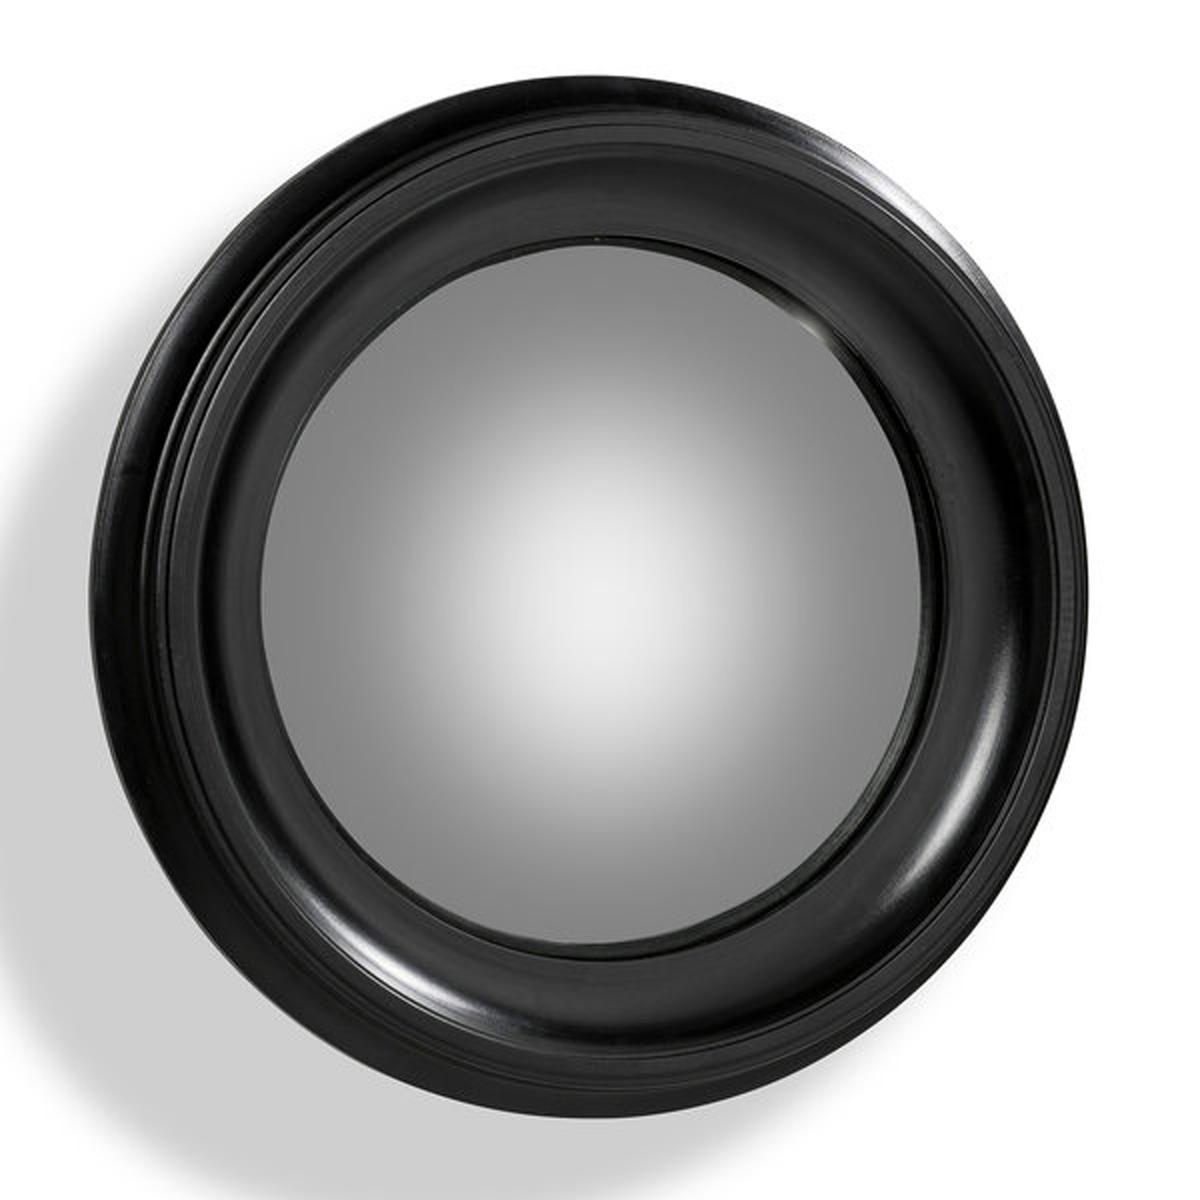 Specchio da strega Habel cornice nero, diametro 60 cm